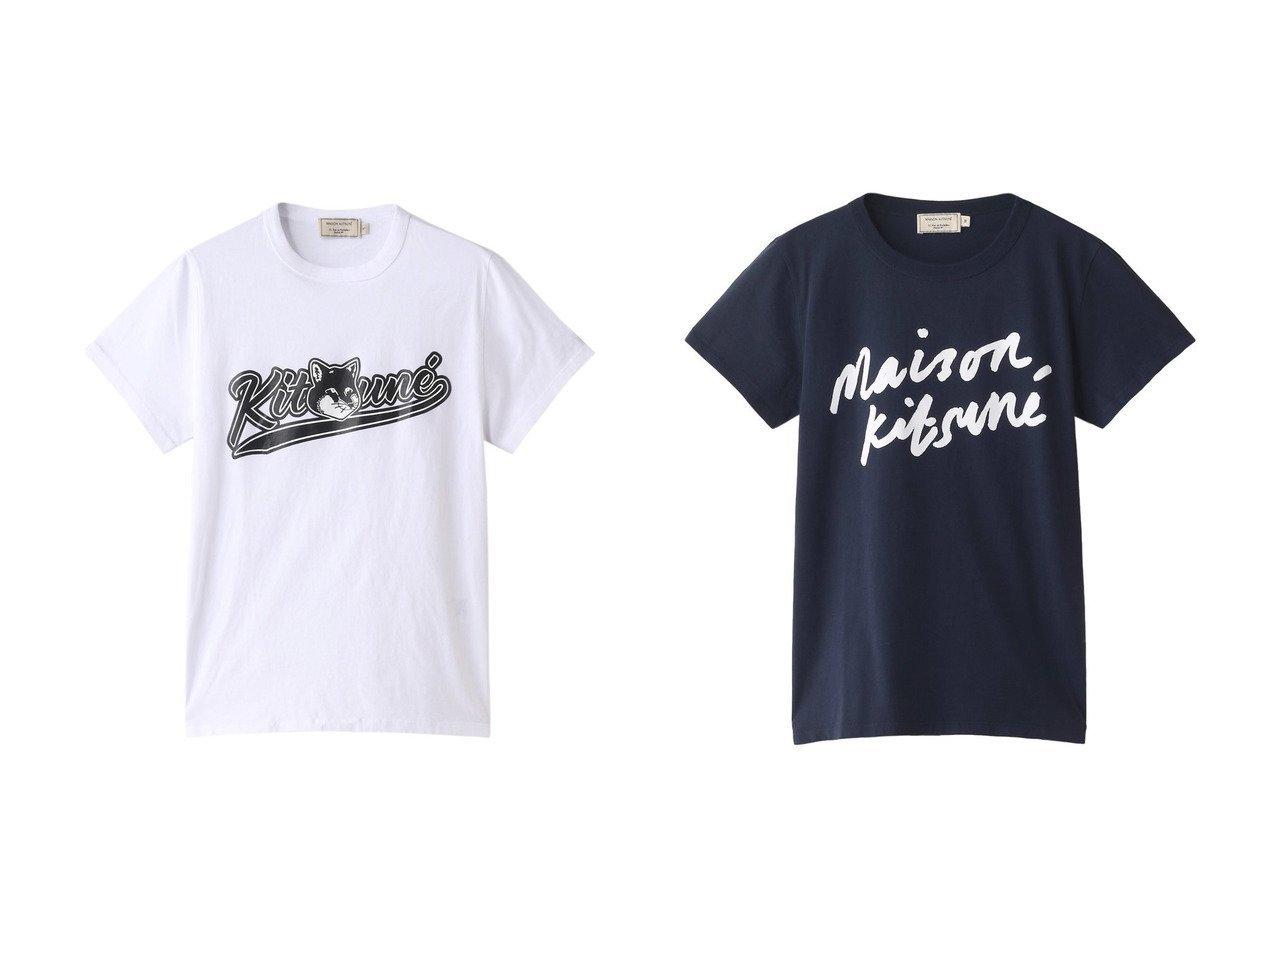 【MAISON KITSUNE/メゾン キツネ】のVARSITY FOX CLASSIC TEE-Tシャツ&HANDWRITING CLASSIC TEE-Tシャツ MAISON KITSUNEのおすすめ!人気、トレンド・レディースファッションの通販 おすすめで人気の流行・トレンド、ファッションの通販商品 メンズファッション・キッズファッション・インテリア・家具・レディースファッション・服の通販 founy(ファニー) https://founy.com/ ファッション Fashion レディースファッション WOMEN トップス カットソー Tops Tshirt シャツ/ブラウス Shirts Blouses ロング / Tシャツ T-Shirts カットソー Cut and Sewn 2021年 2021 2021 春夏 S/S SS Spring/Summer 2021 S/S 春夏 SS Spring/Summer ショート シンプル スリーブ フォックス プリント ロング 春 Spring |ID:crp329100000020625